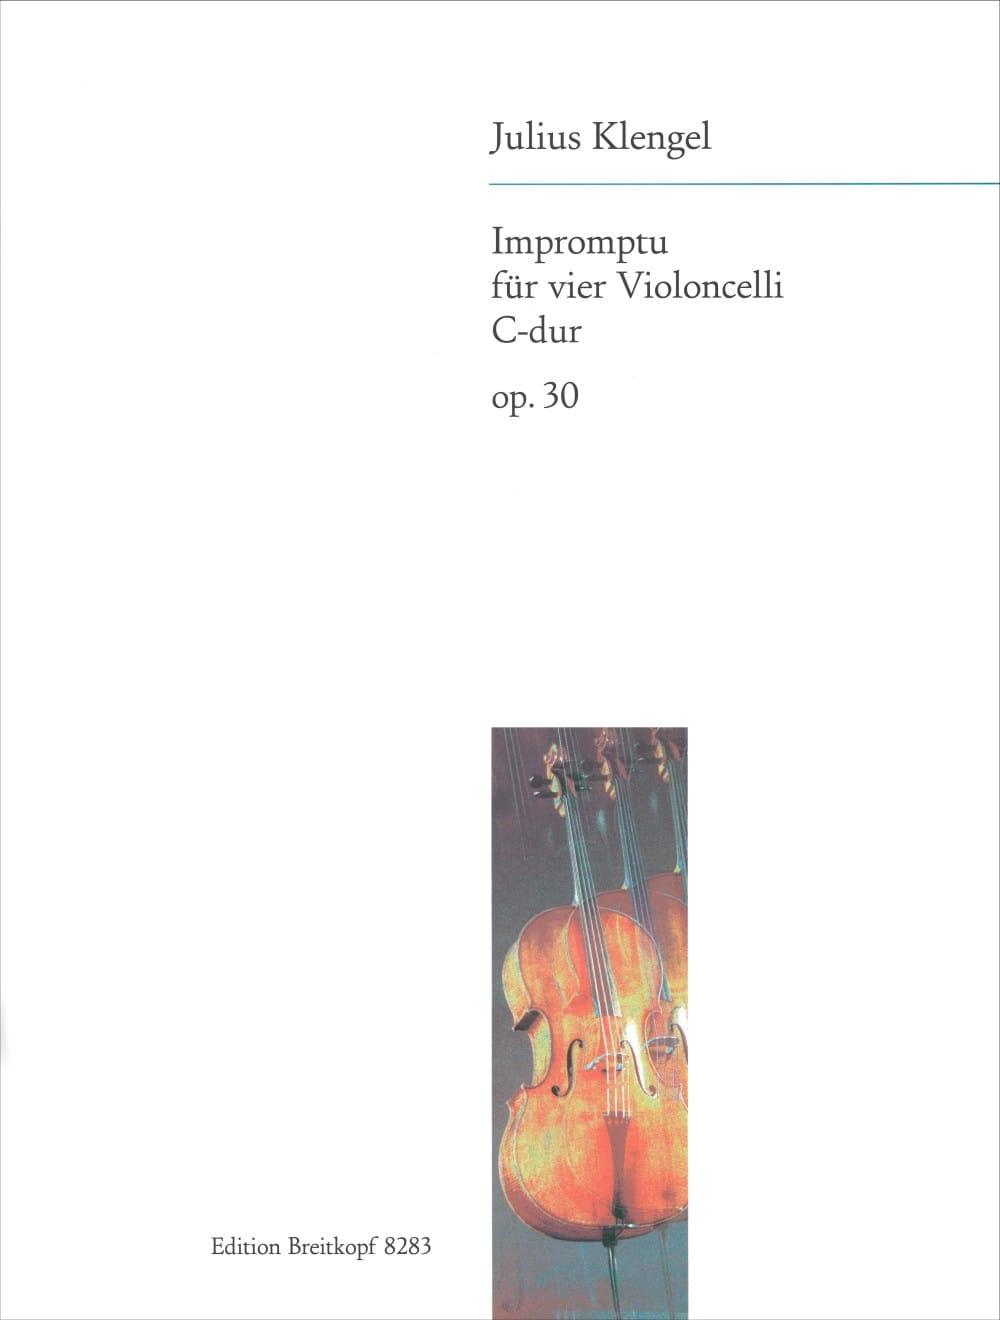 Impromptu en do maj. Op. 30 - Julius Klengel - laflutedepan.com